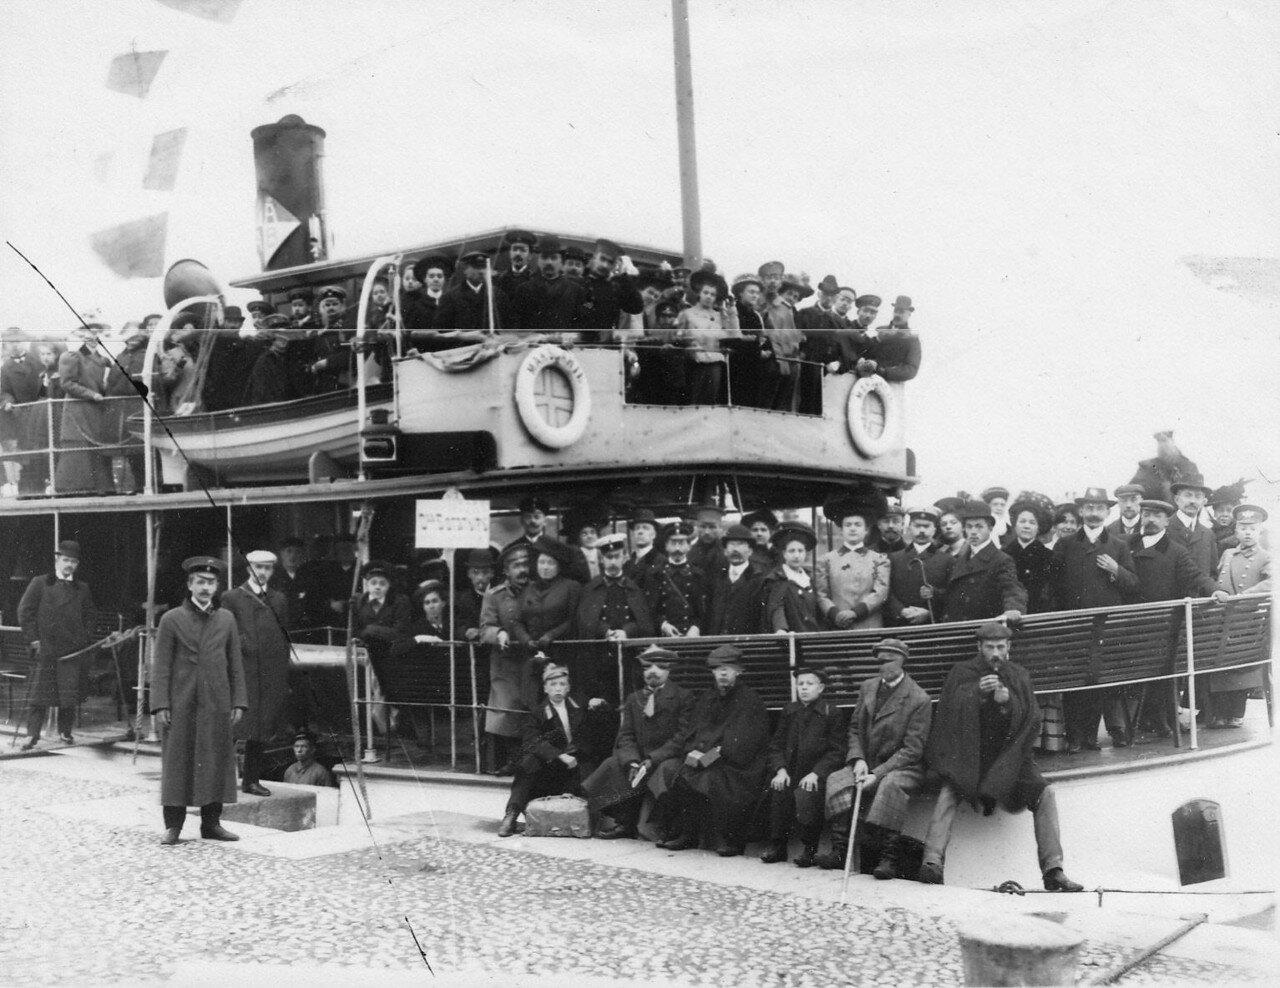 14. Члены Общества телесного воспитания Богатырь, участники экскурсии на Иматру на борту парохода. 1909